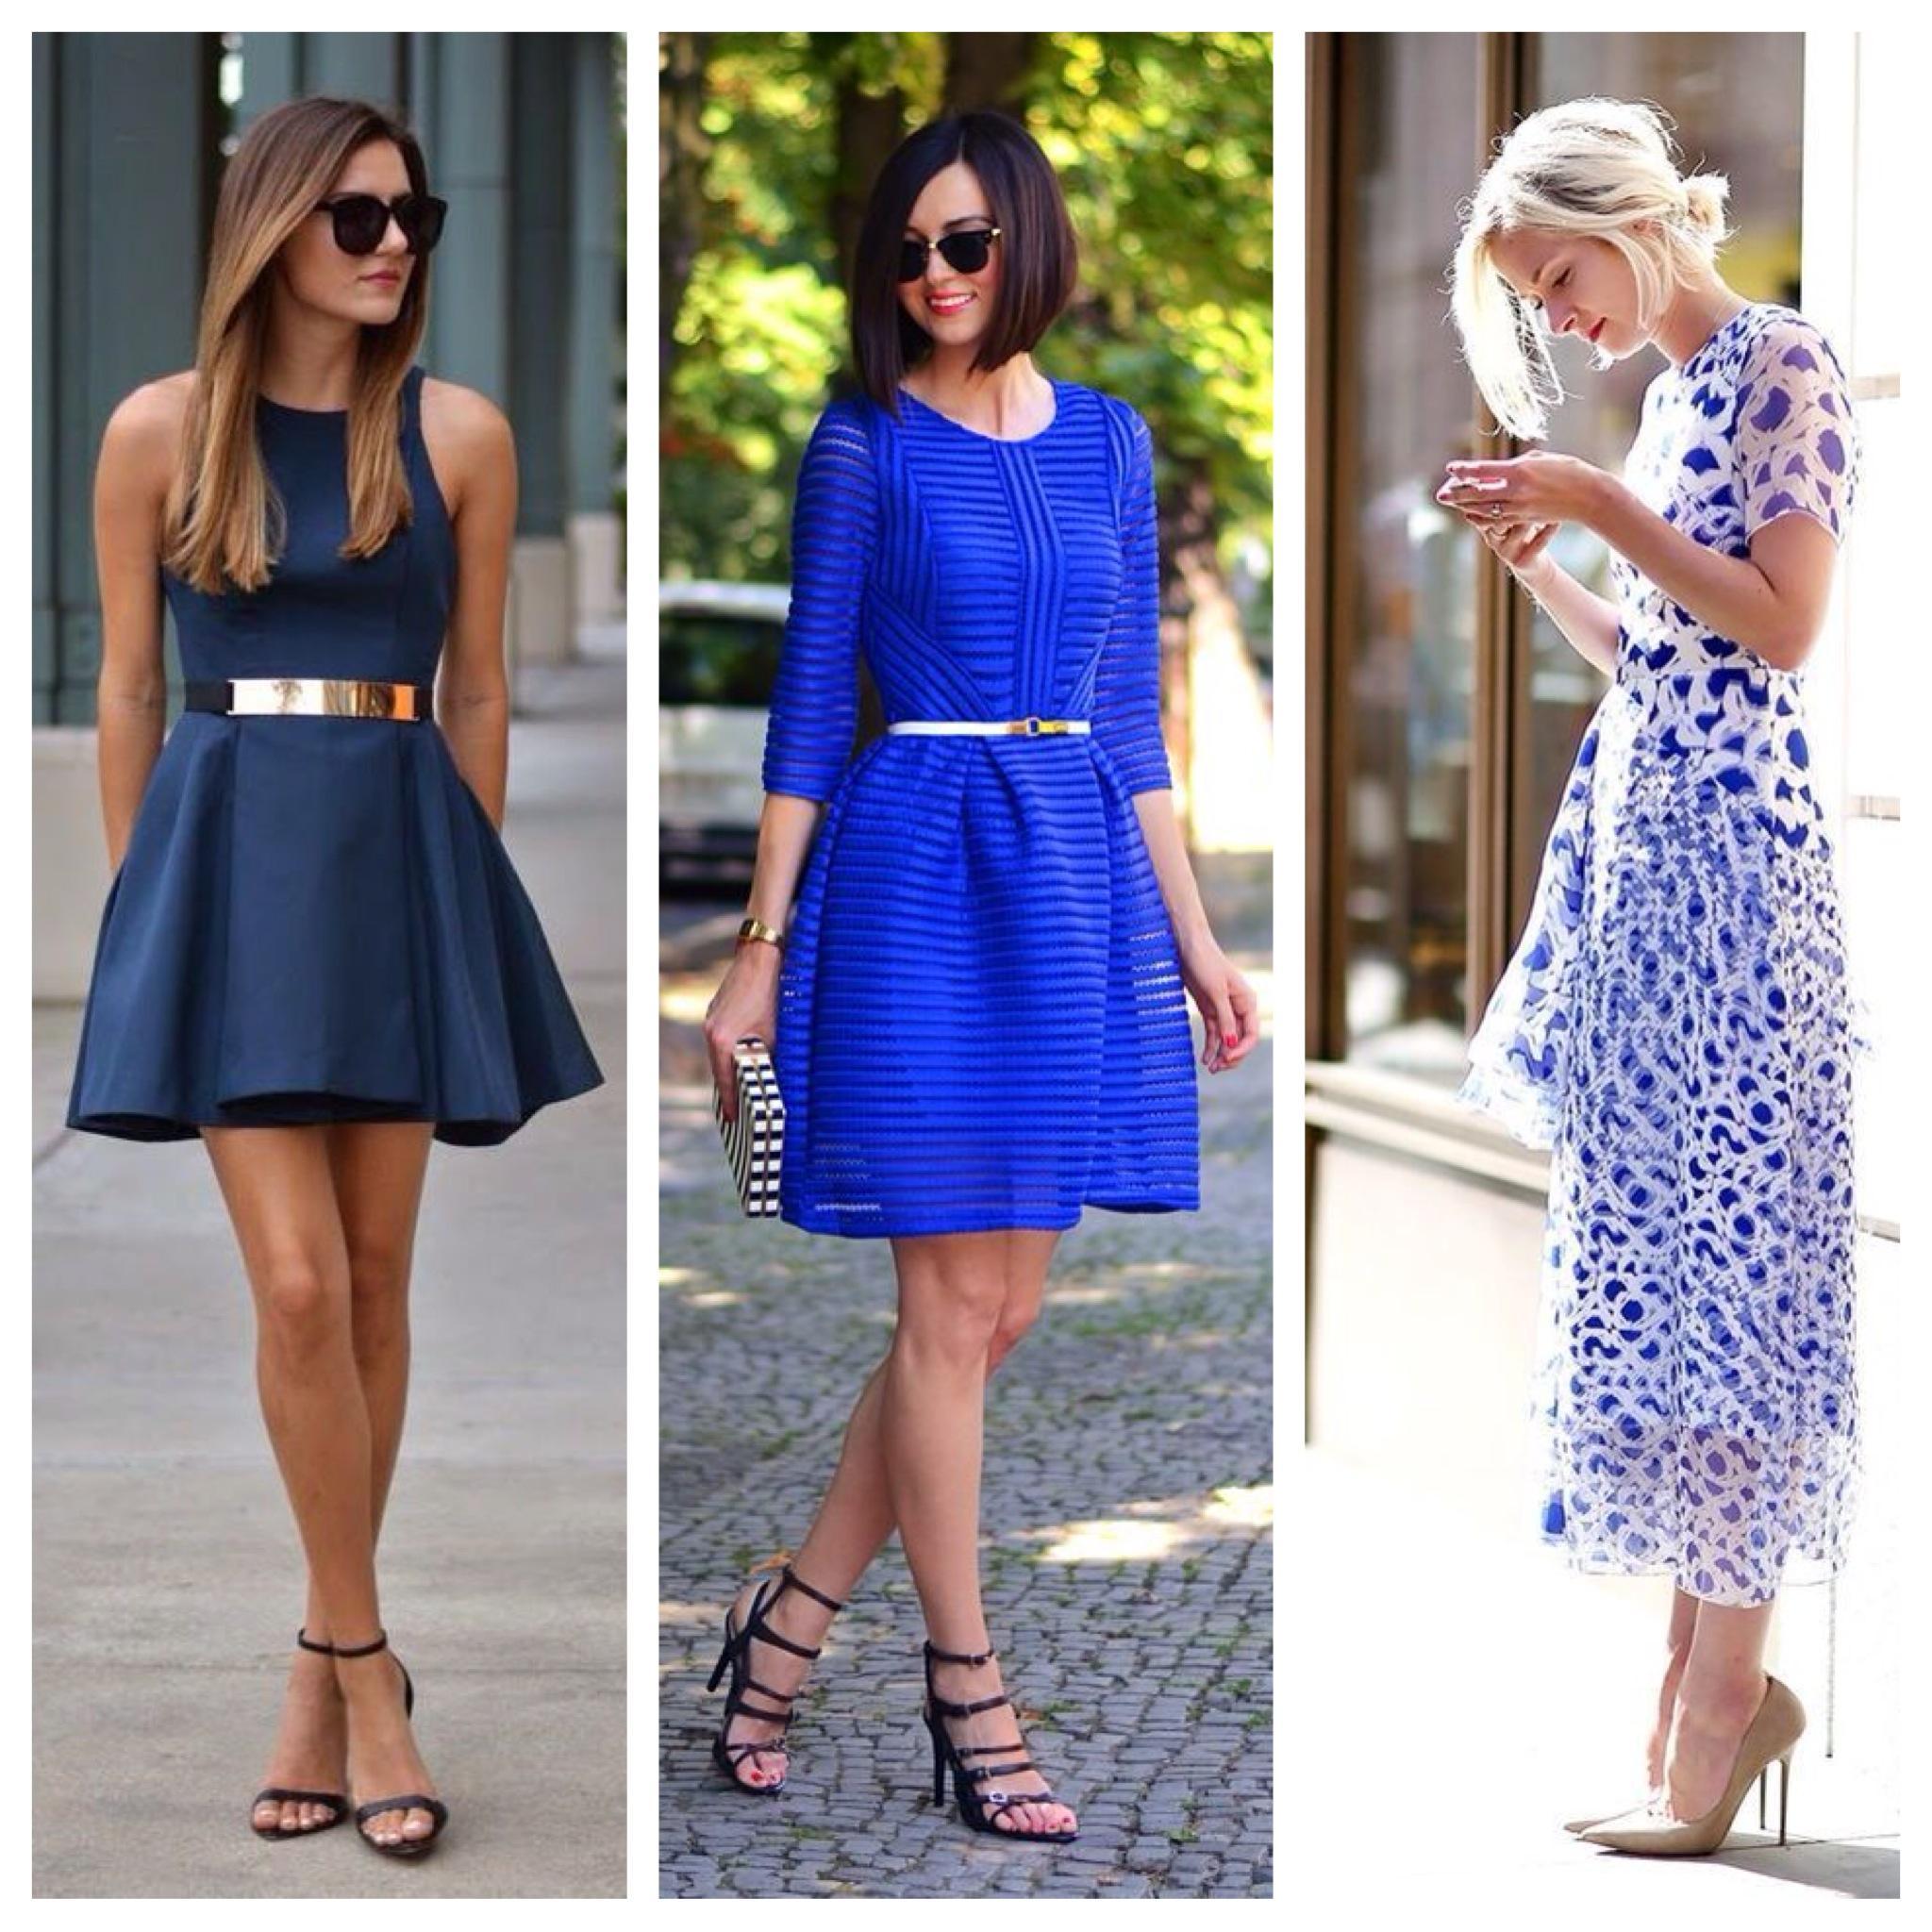 Цвет сапог к синему платью фото